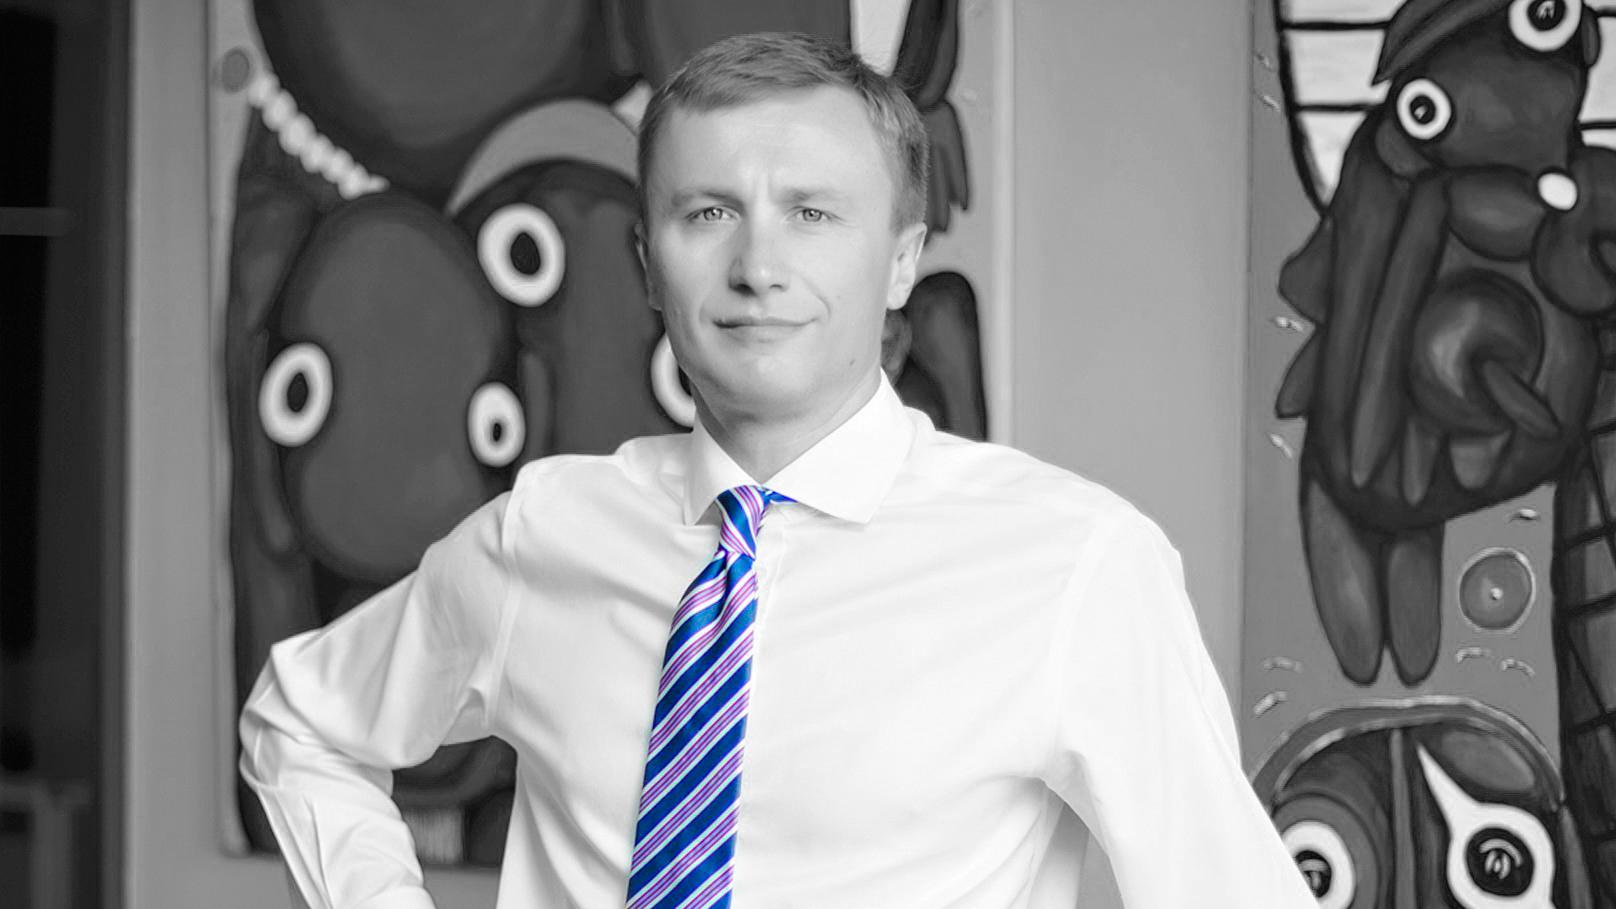 «Первый шок прошел и все понимают, что нужно возвращаться к нормальной жизни», - Тимур Бондарев, управляющий партнер компании Arzinger